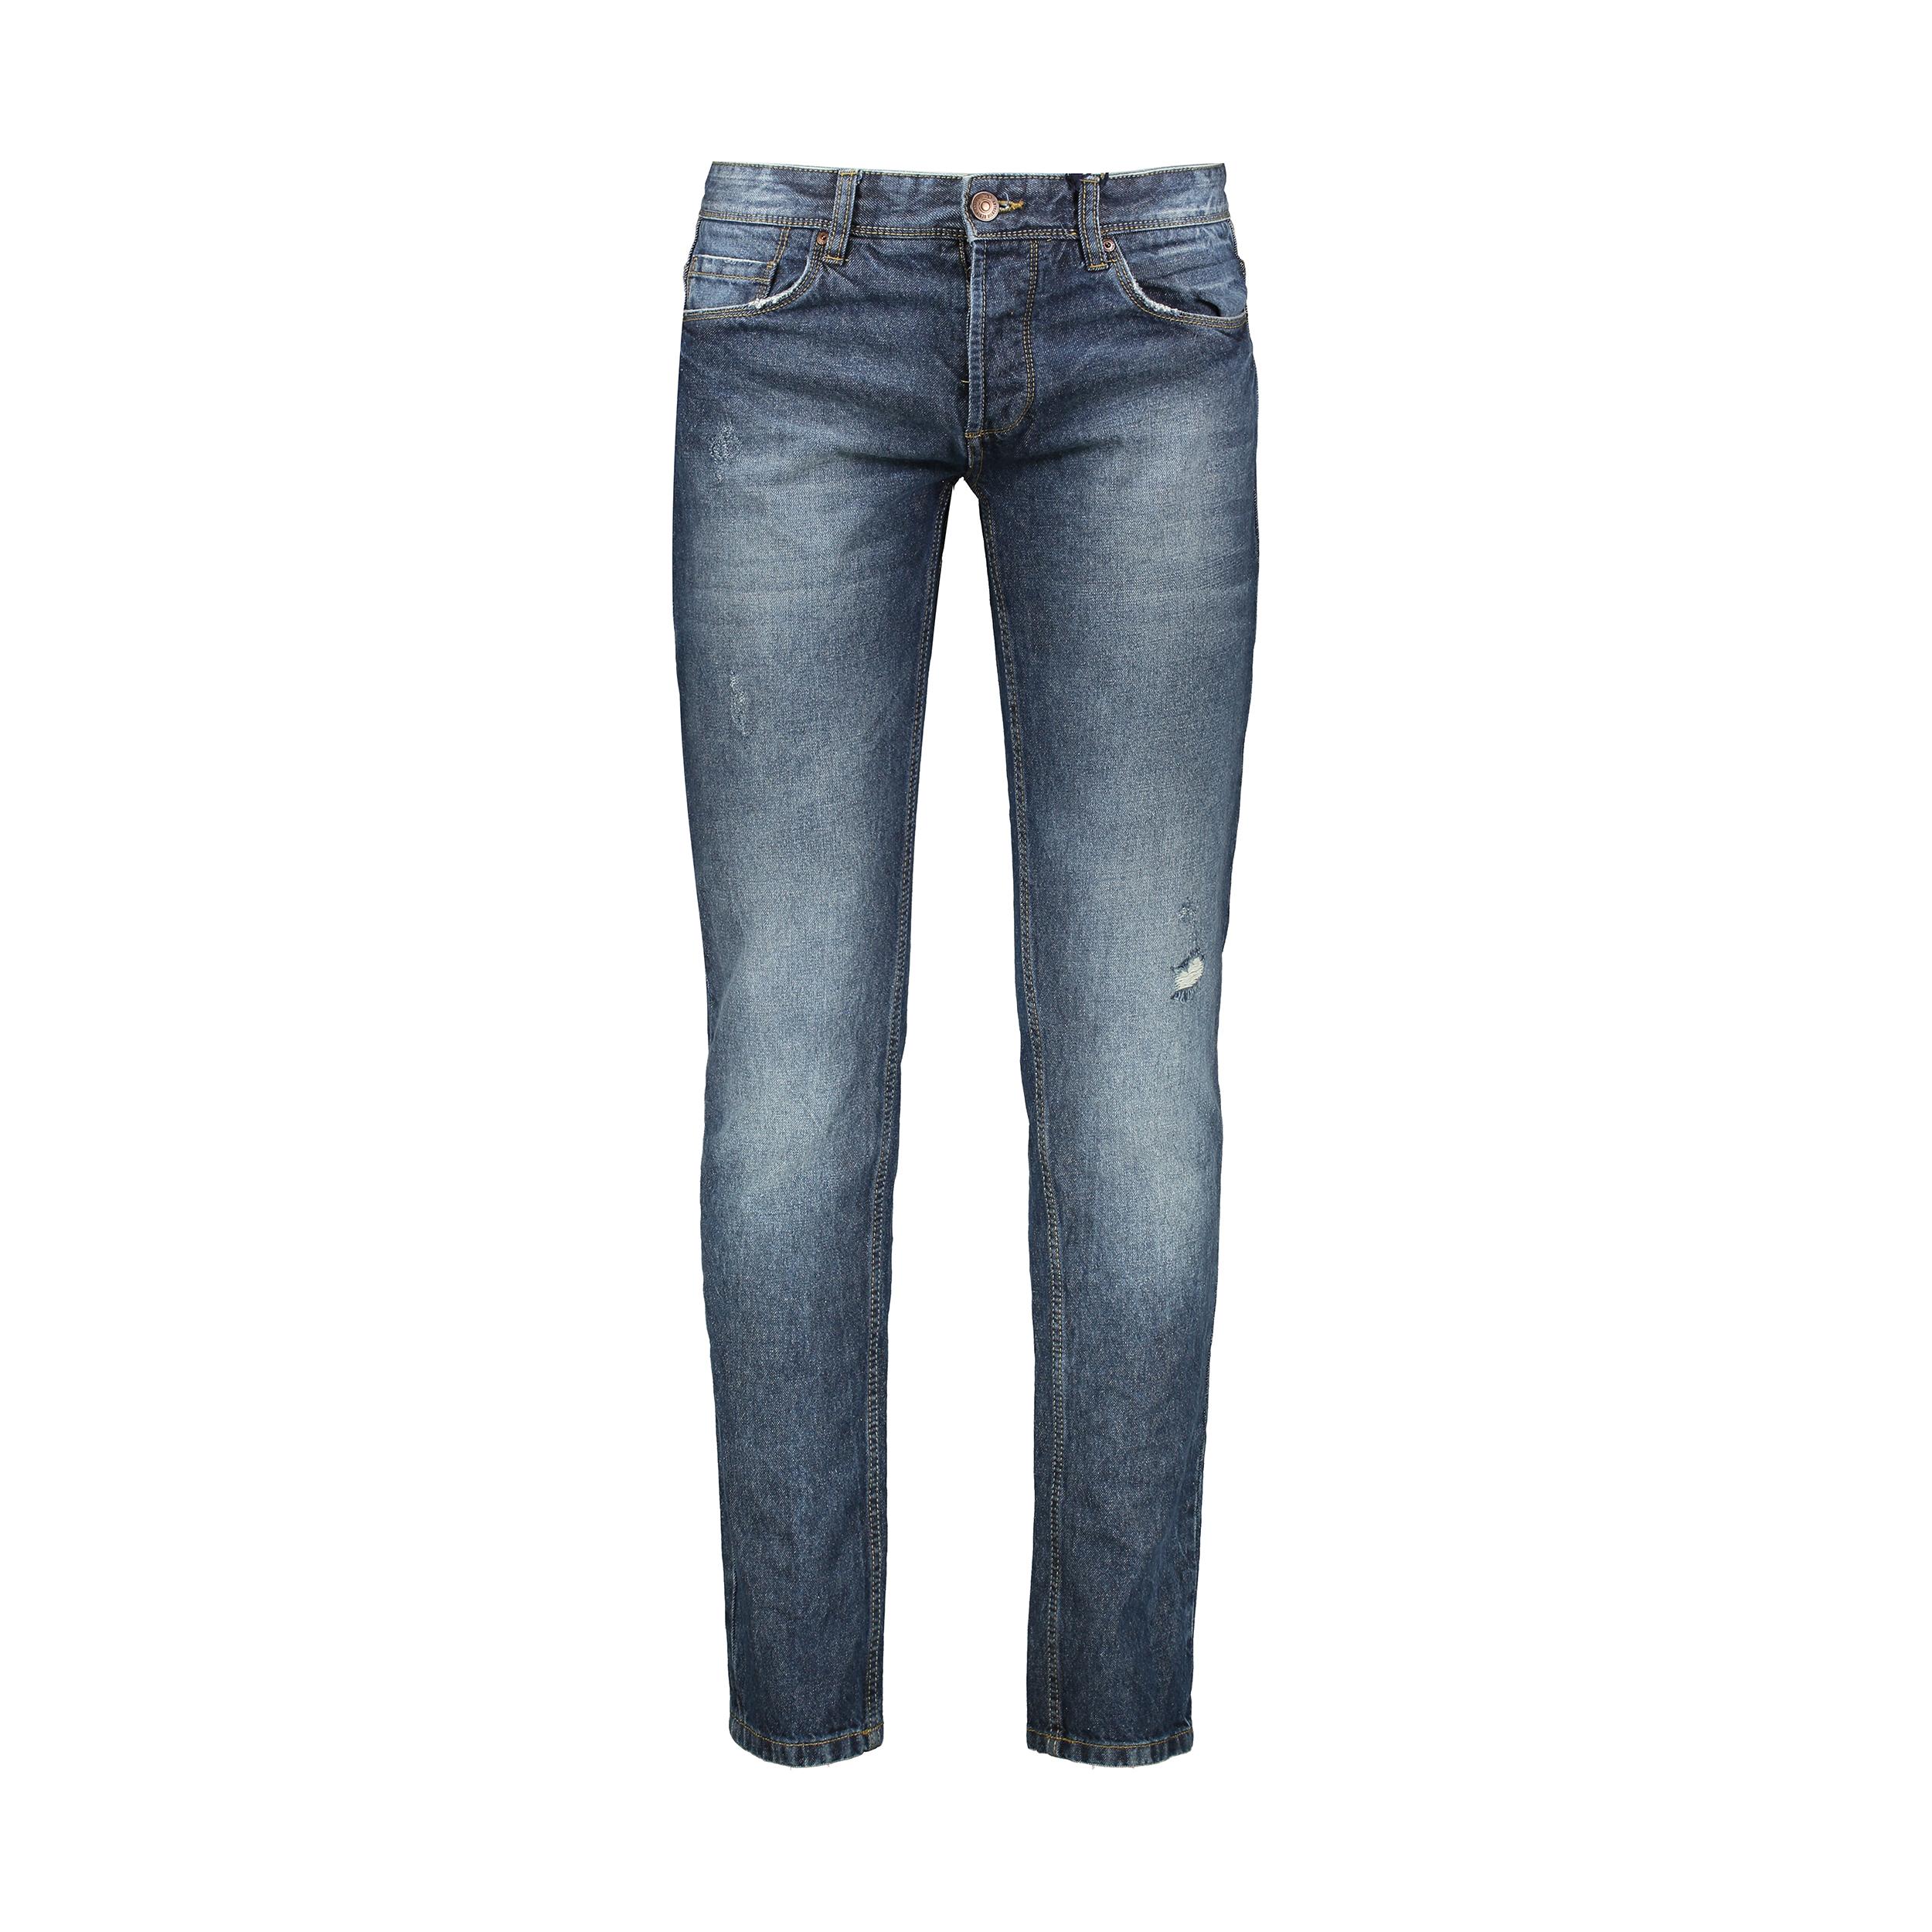 شلوار جین مردانه او وی اس مدل 008722619-BLUE